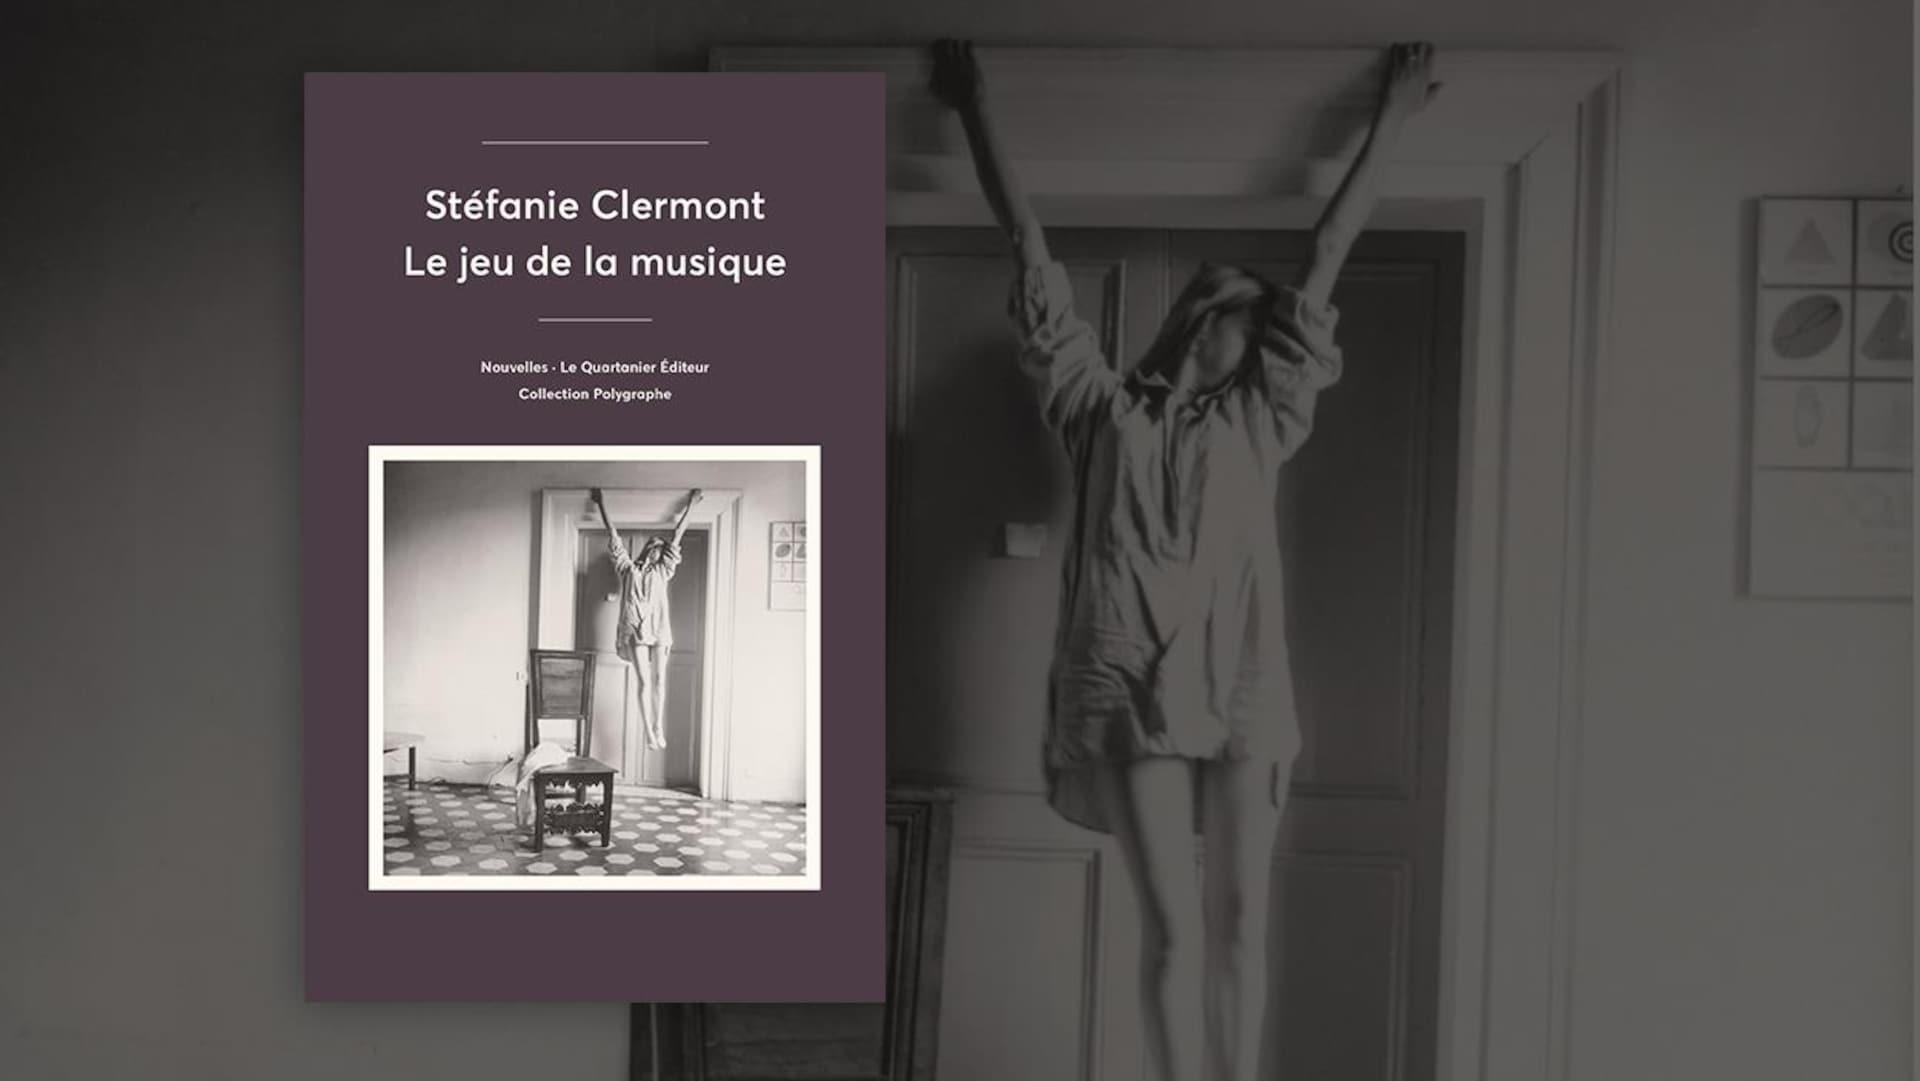 La couverture du livre «Le jeu de la musique», de Stéfanie Clermont